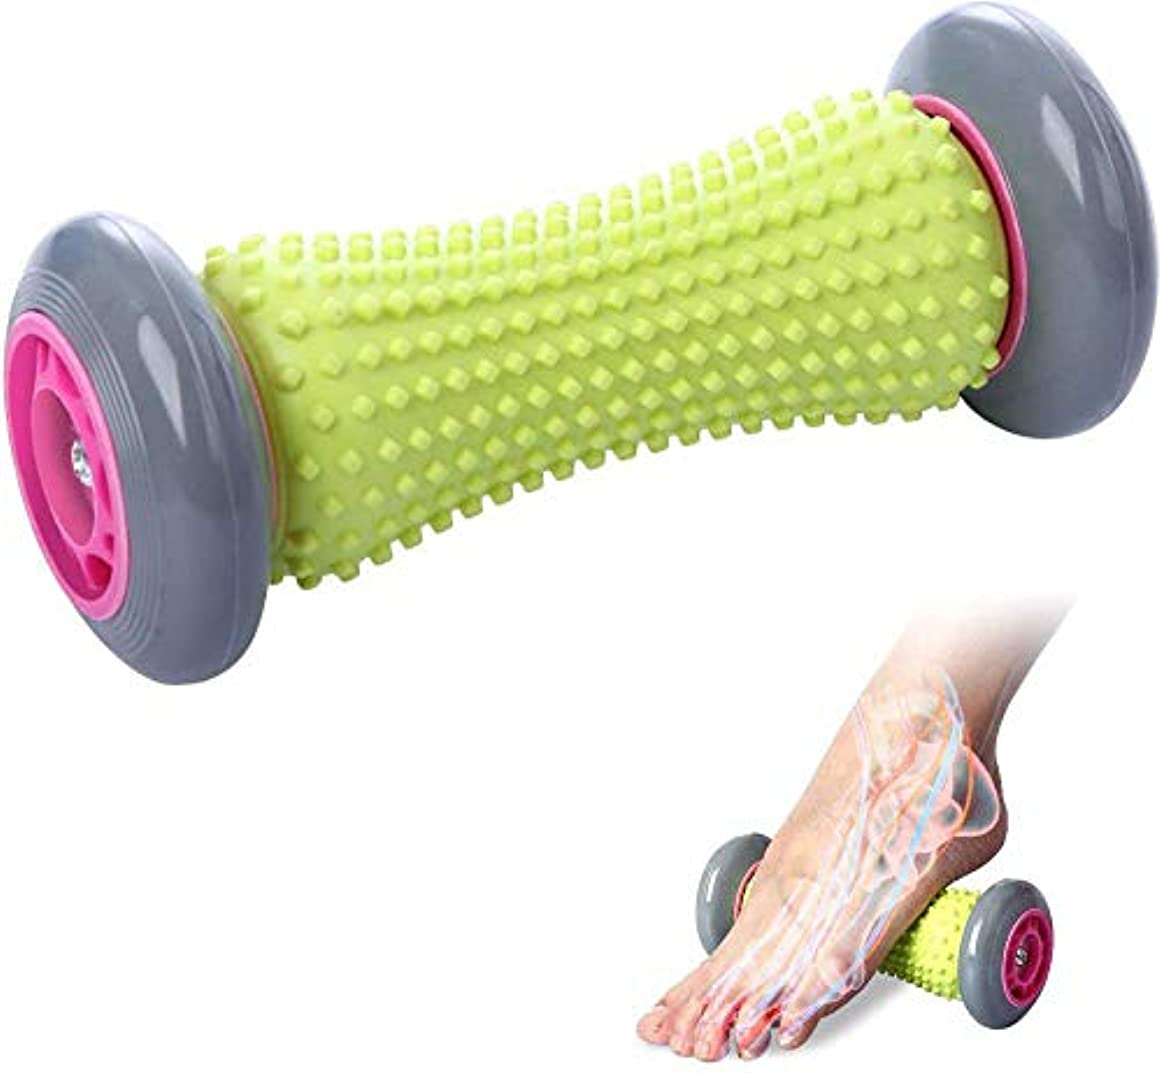 リスク平和的簡単な痛みと深部組織のトリガーポイントのための足底筋膜炎フットローラーマッサージ,Grey